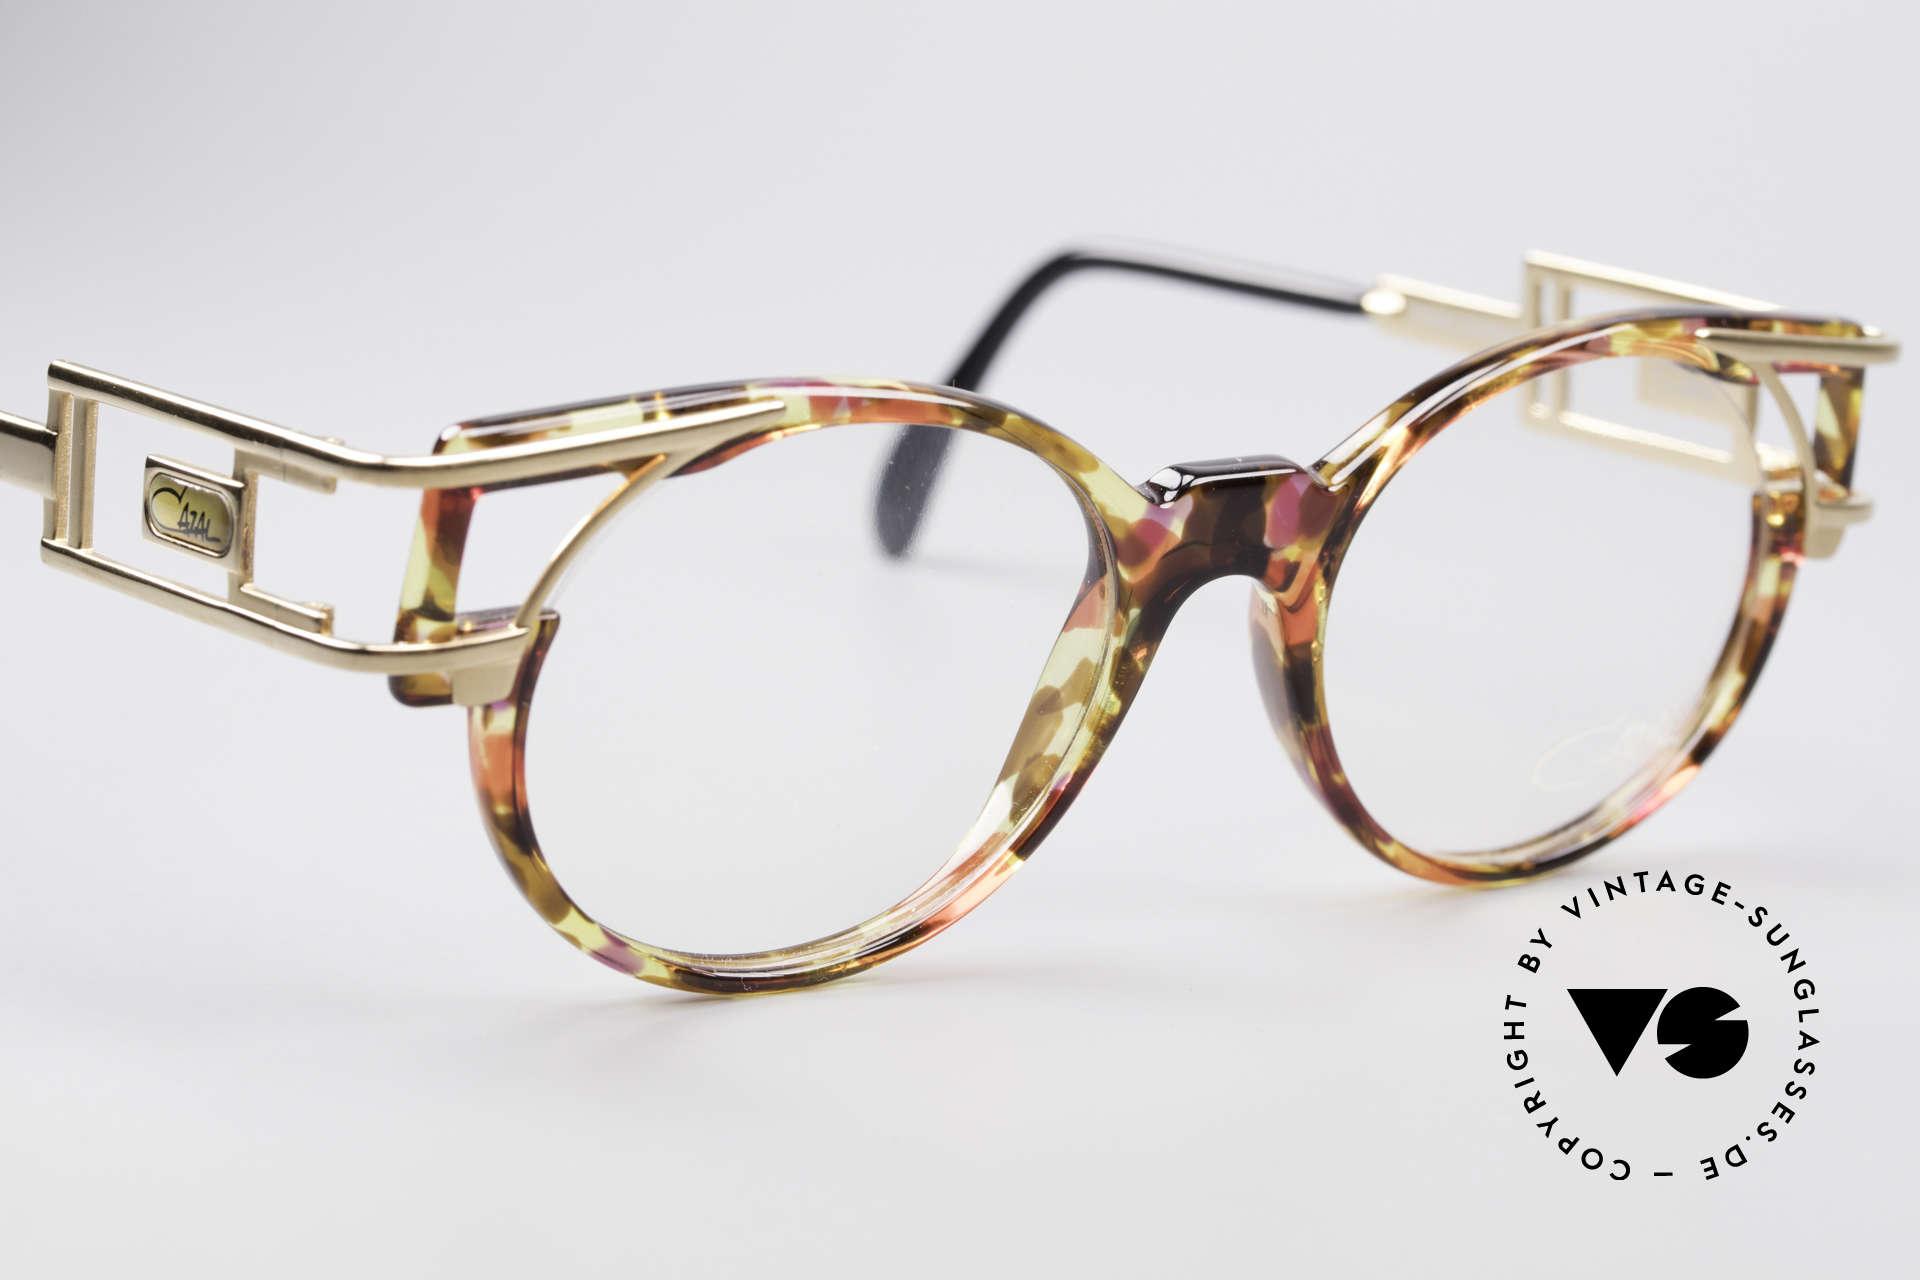 Cazal 353 90er Old School Vintage Brille, Qualität & Farbkonzept = unverwechselbar 90er Cazal, Passend für Herren und Damen